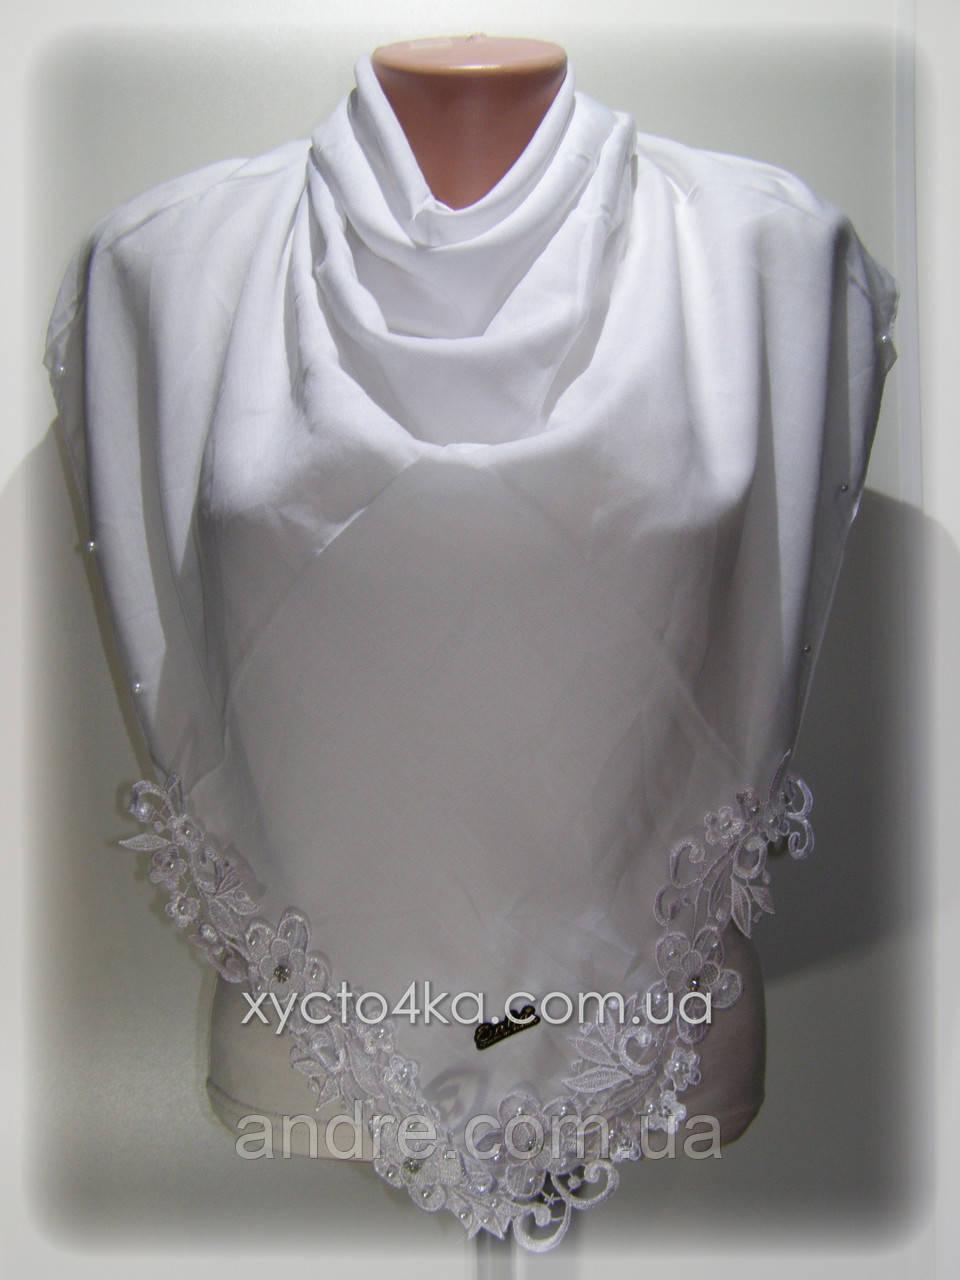 Платки на натуральной основе Жемчужина, белый